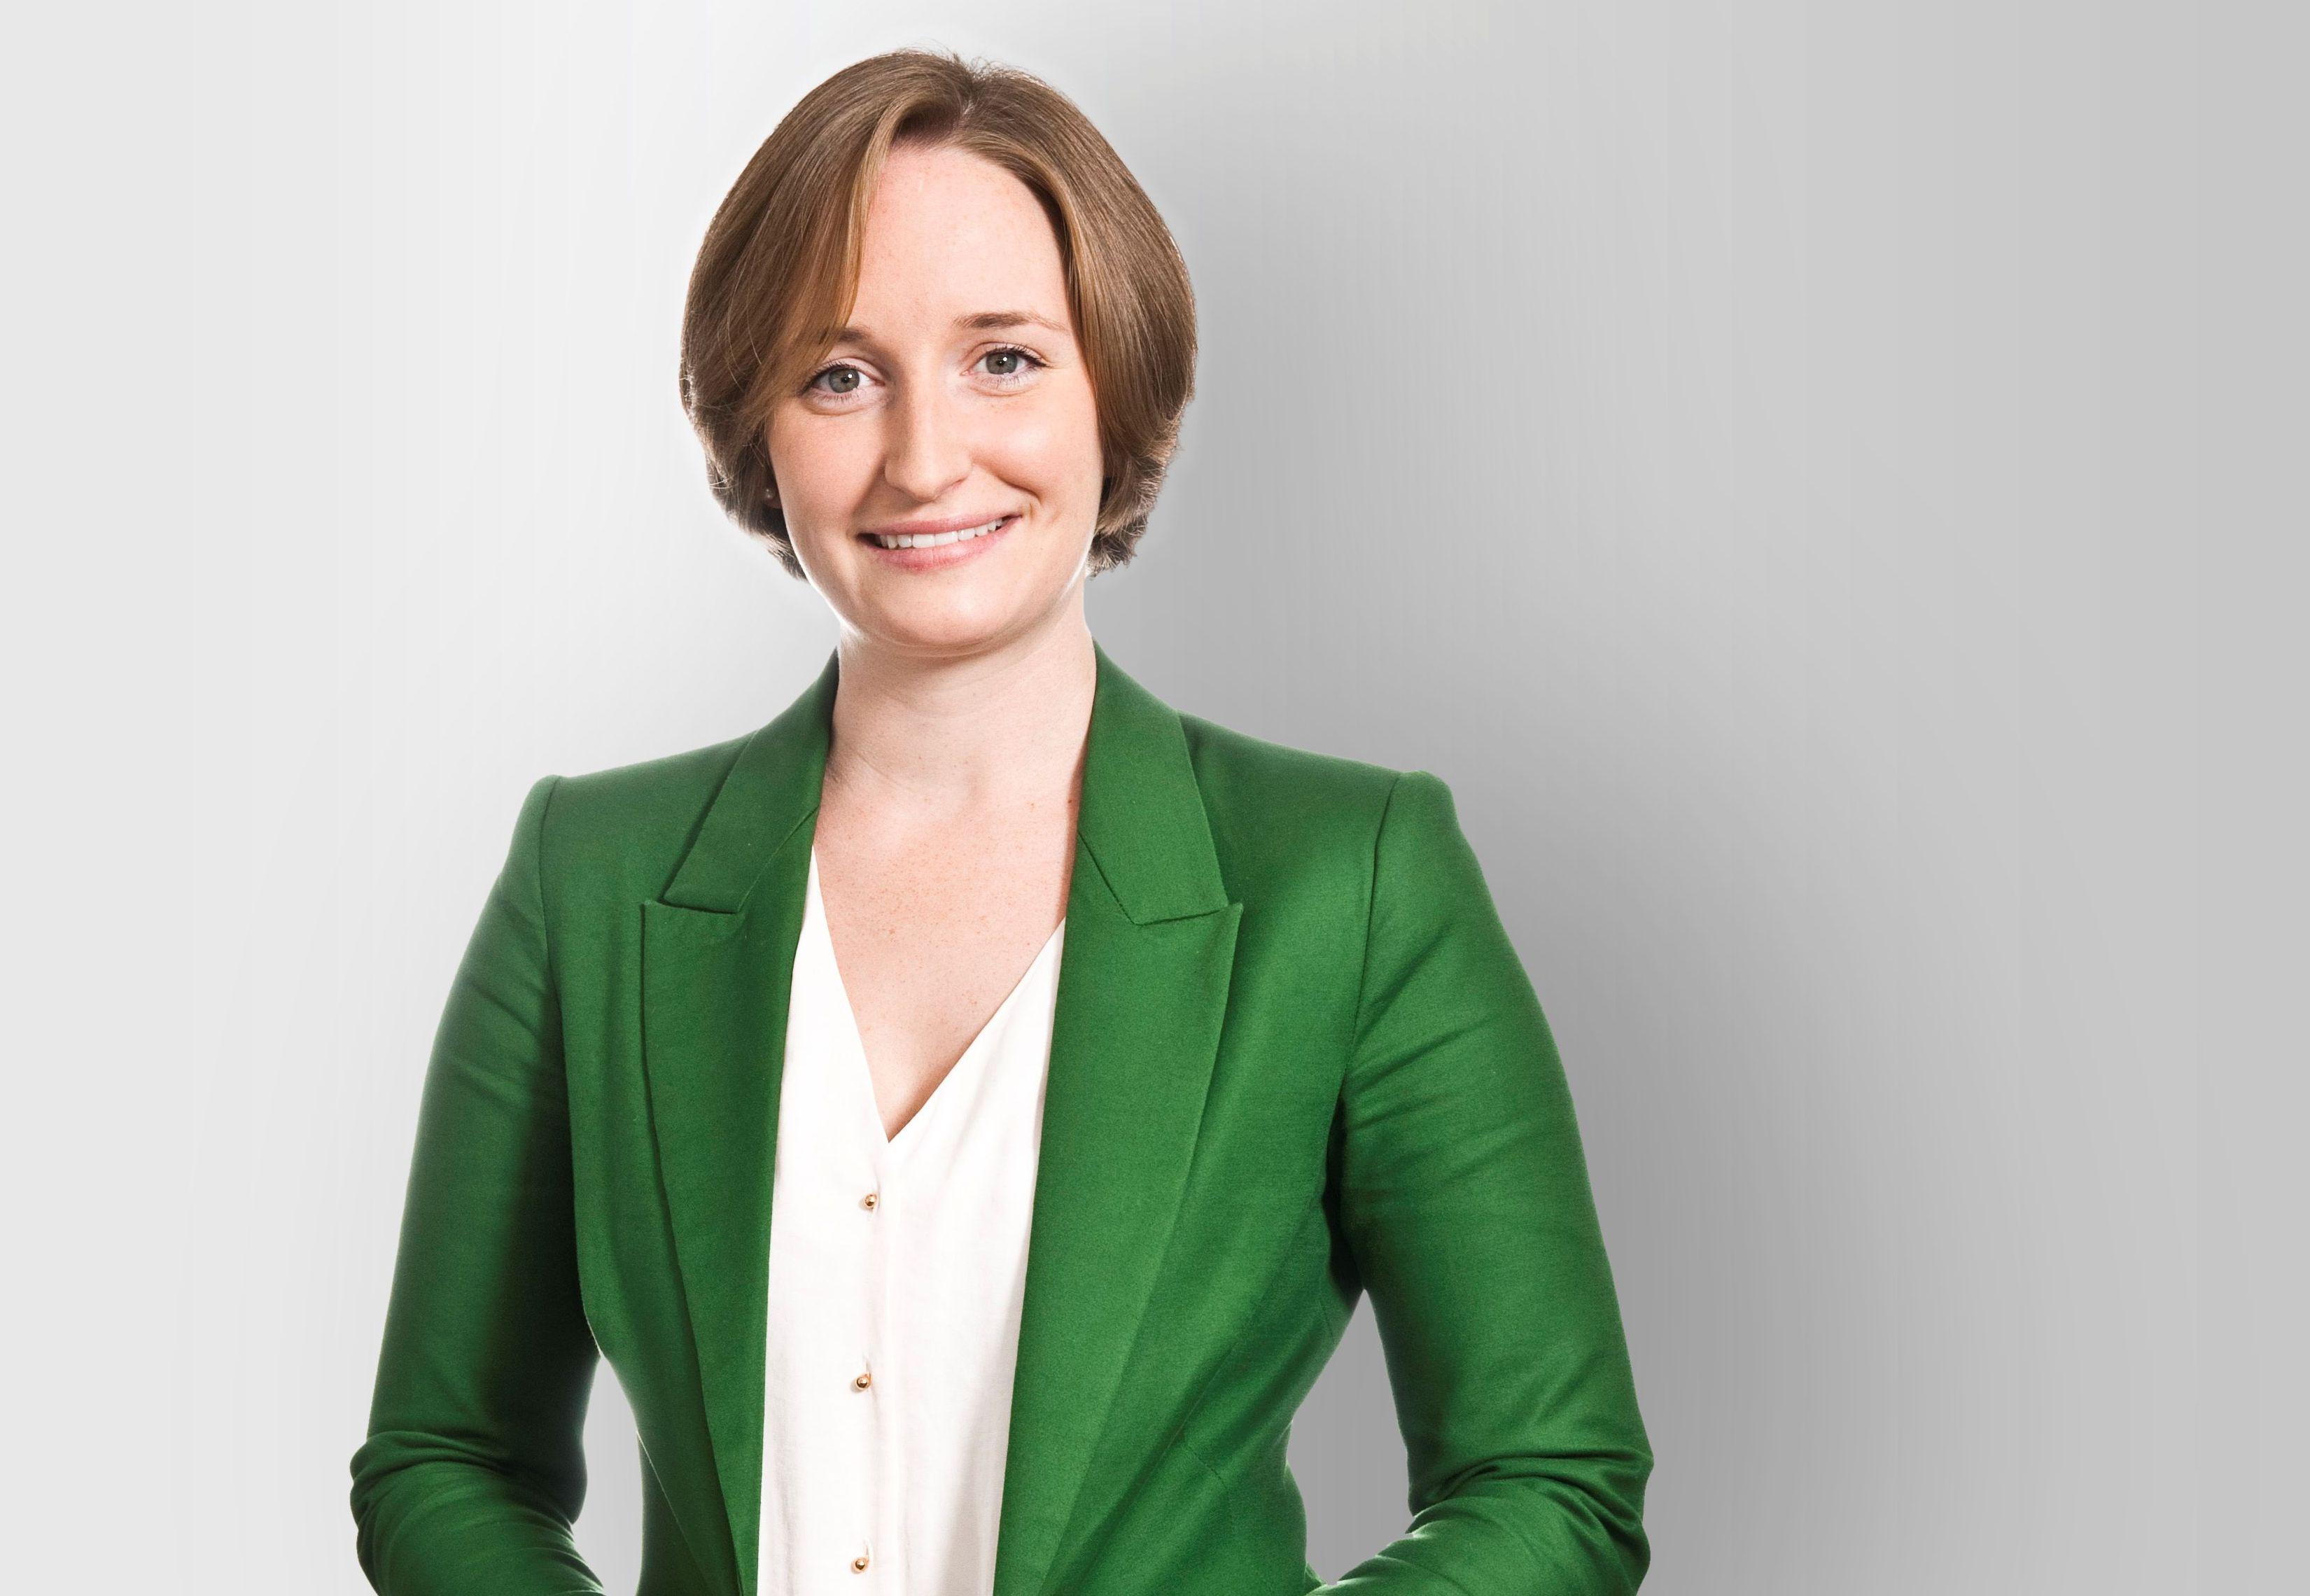 Lisa Theobald